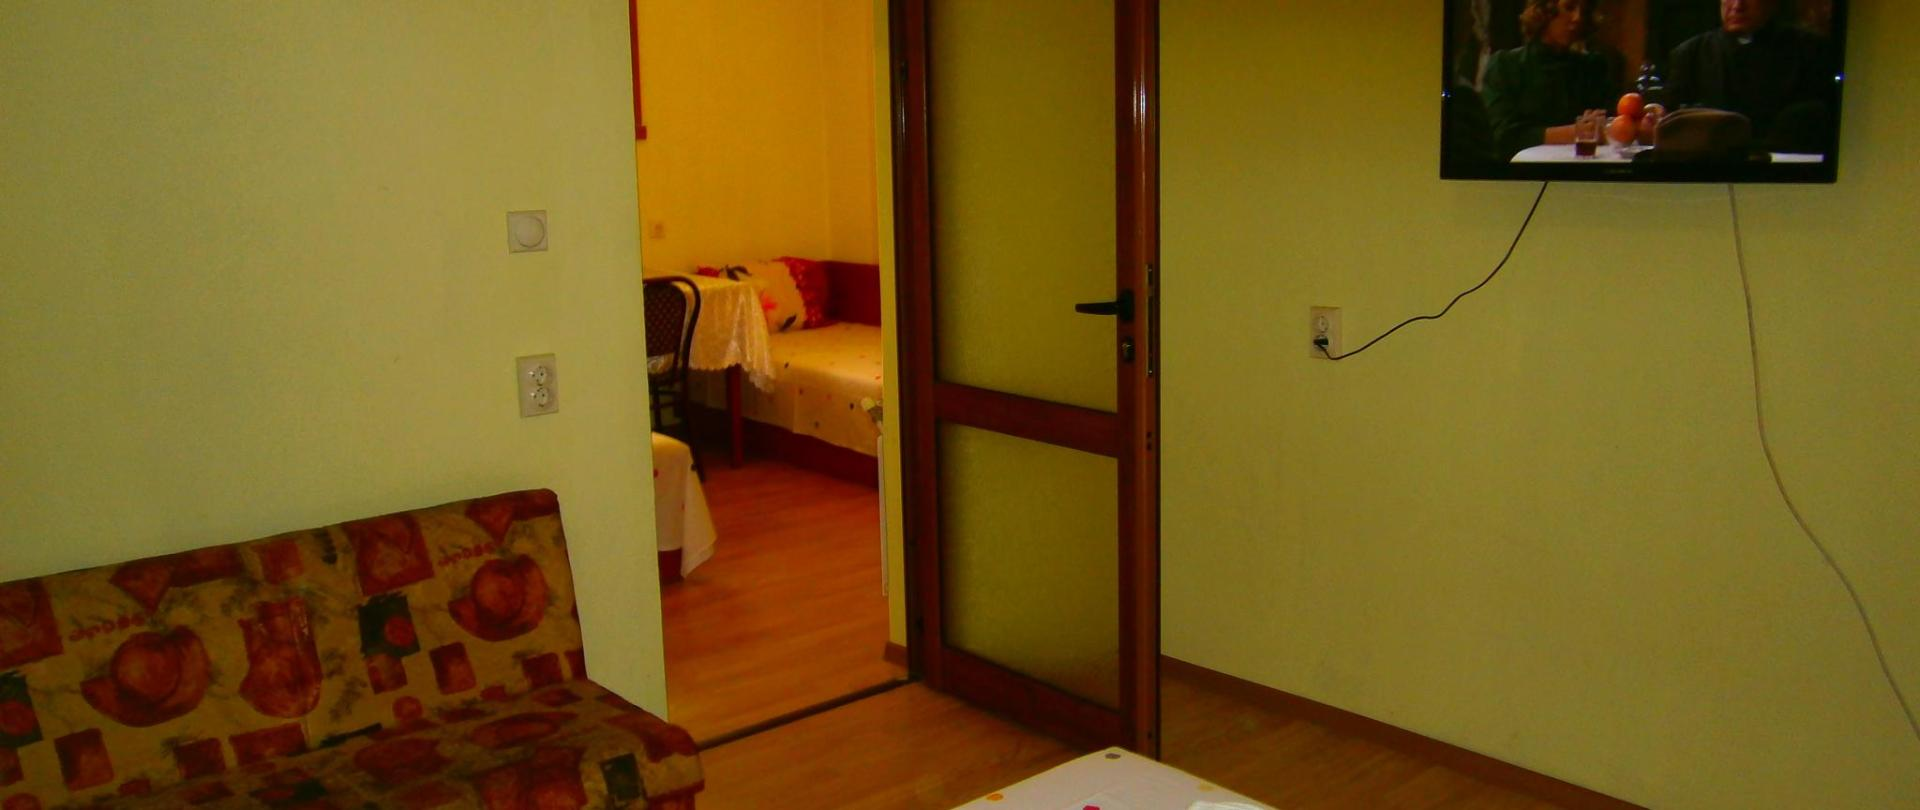 公寓里的房间